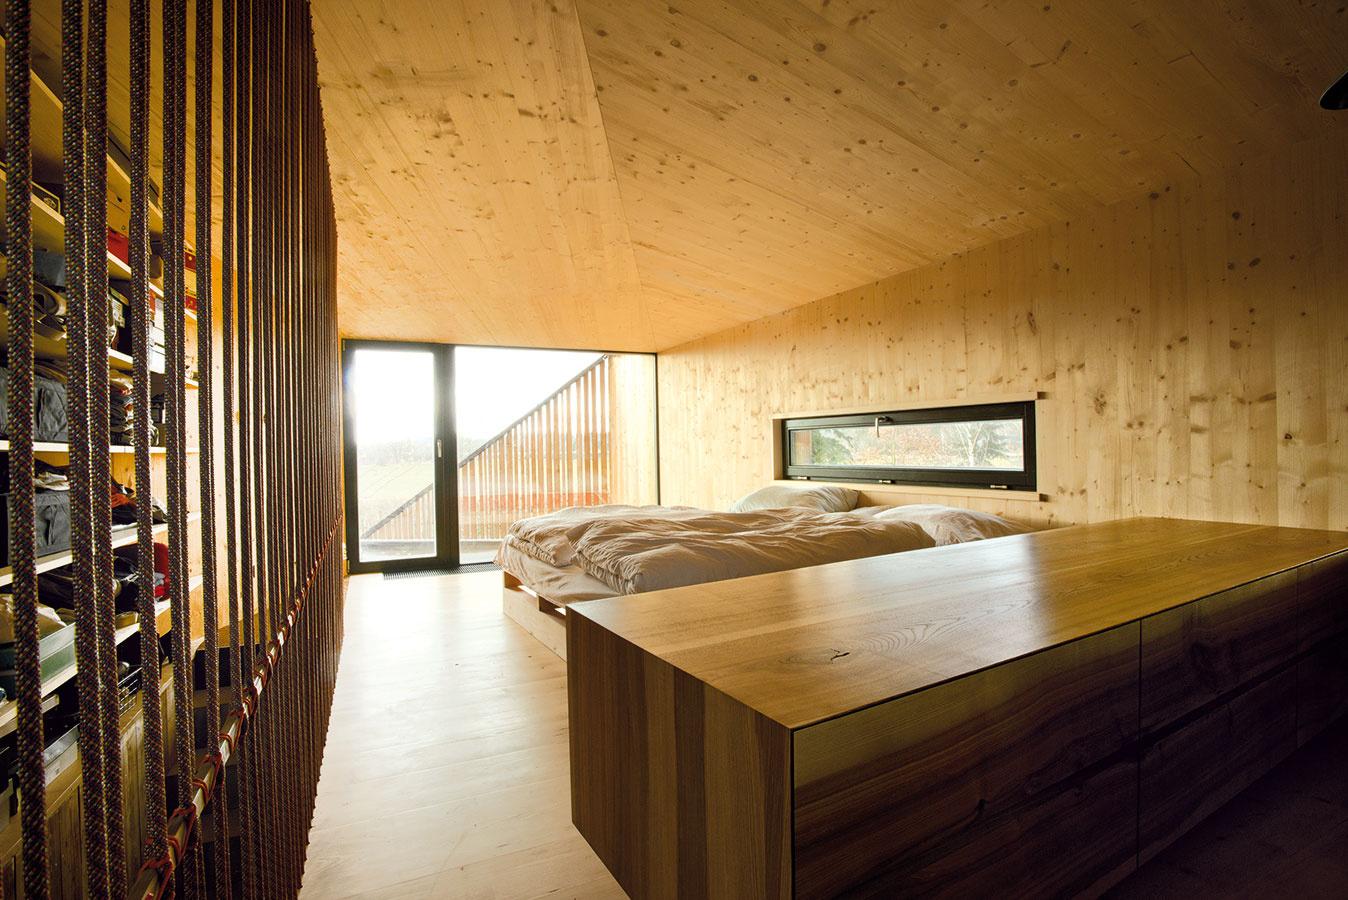 Vrodičovskej spálni na poschodí sa našlo miesto aj na zaujímavý otvorený šatník apracovný stôl. Zmateriálov tu rovnako ako vcelom dome dominuje drevo.